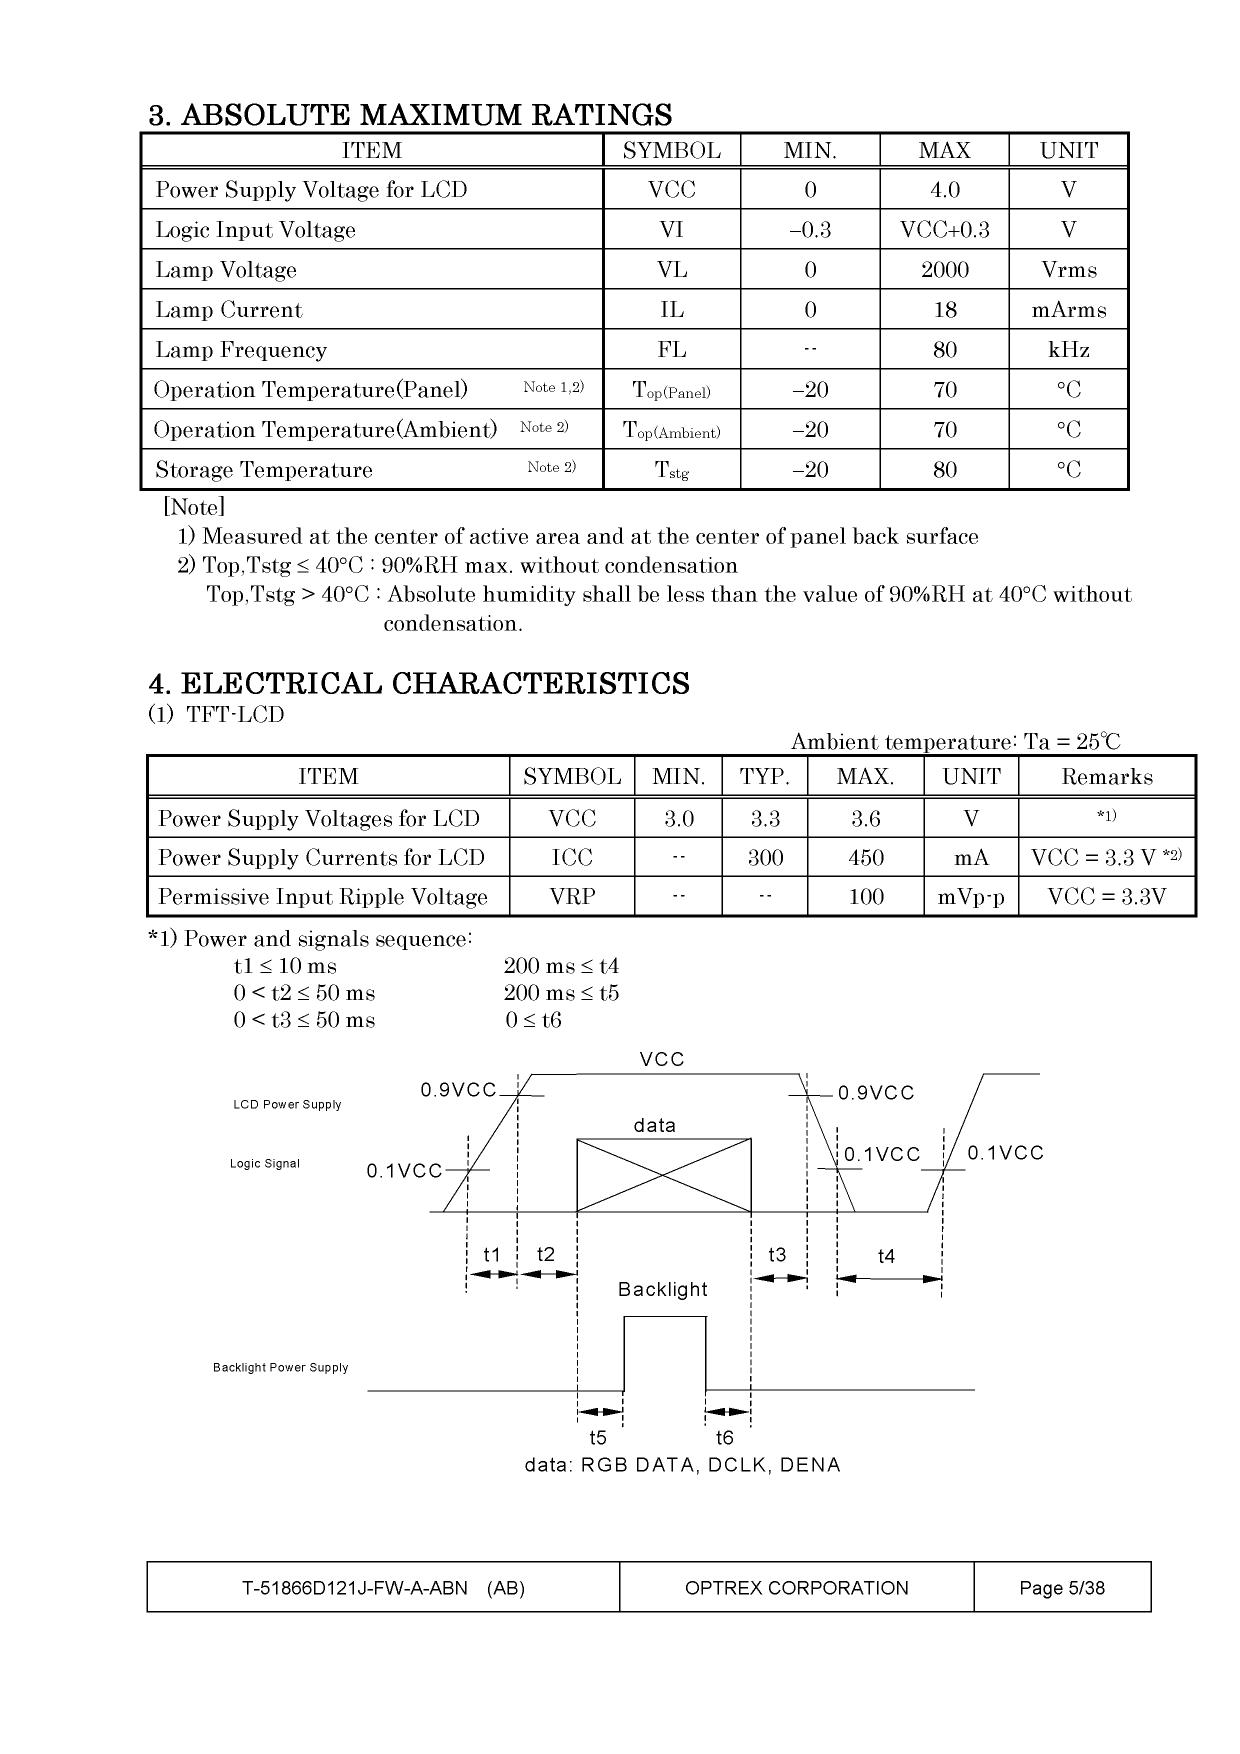 T-51866D121J-FW-A-ABN pdf